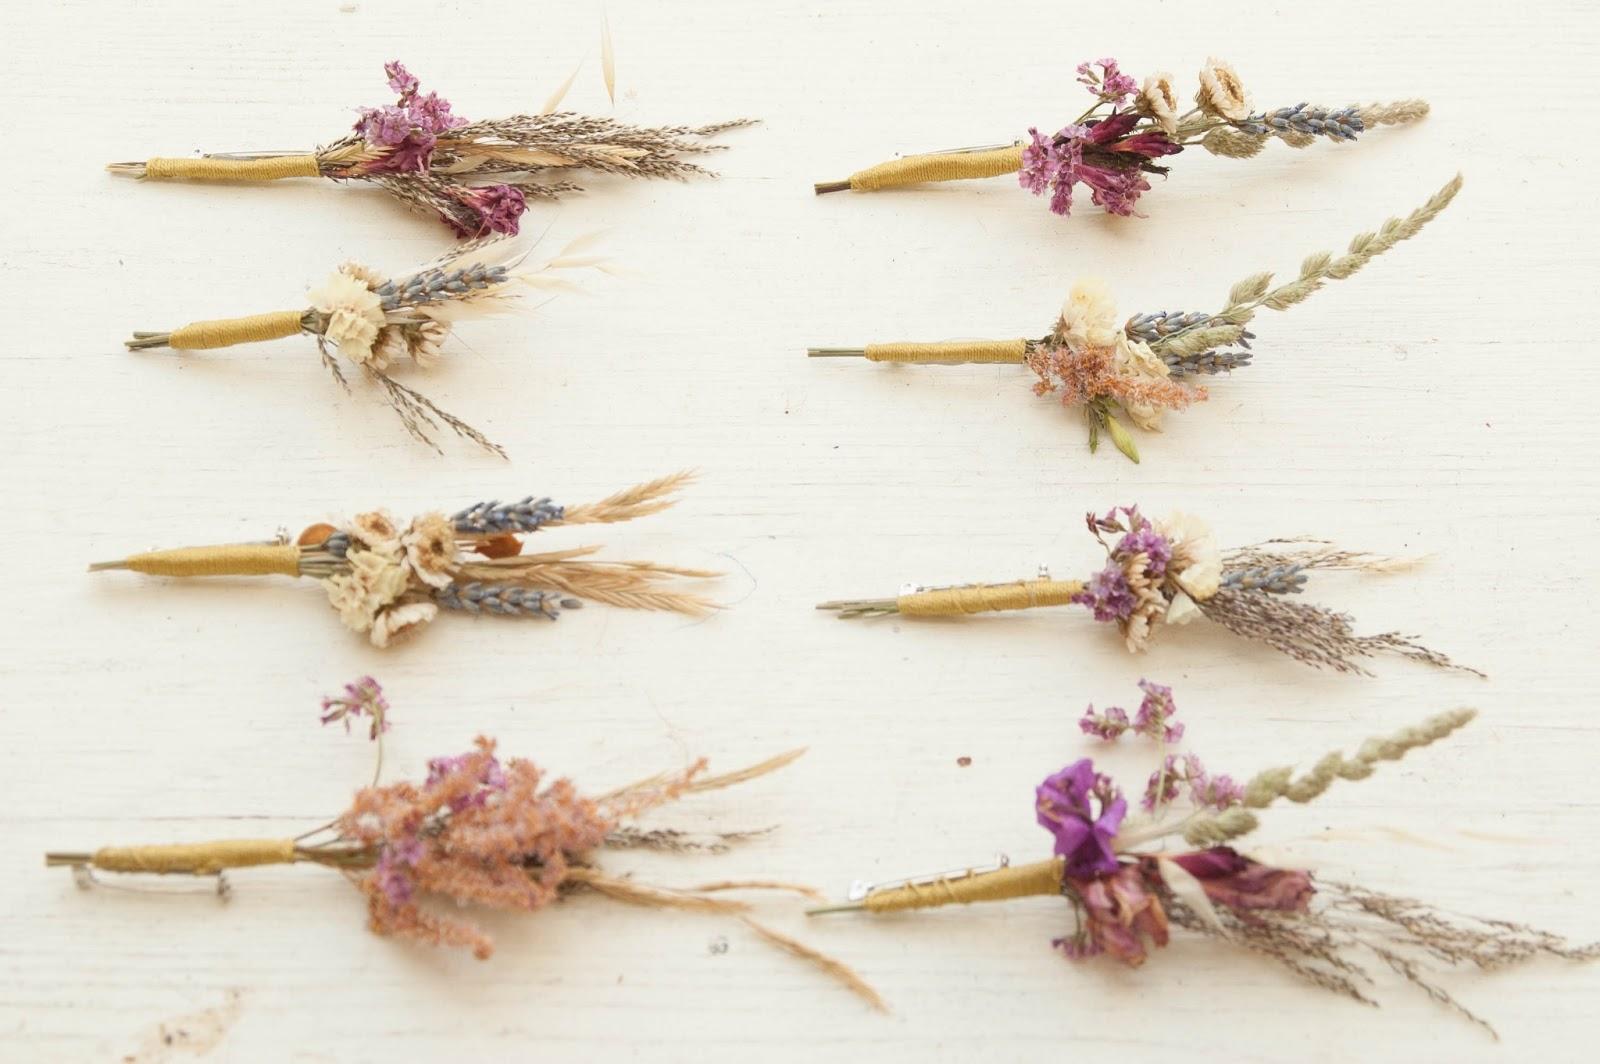 Darabil diy dry flower brooch diy dry flower brooch materials izmirmasajfo